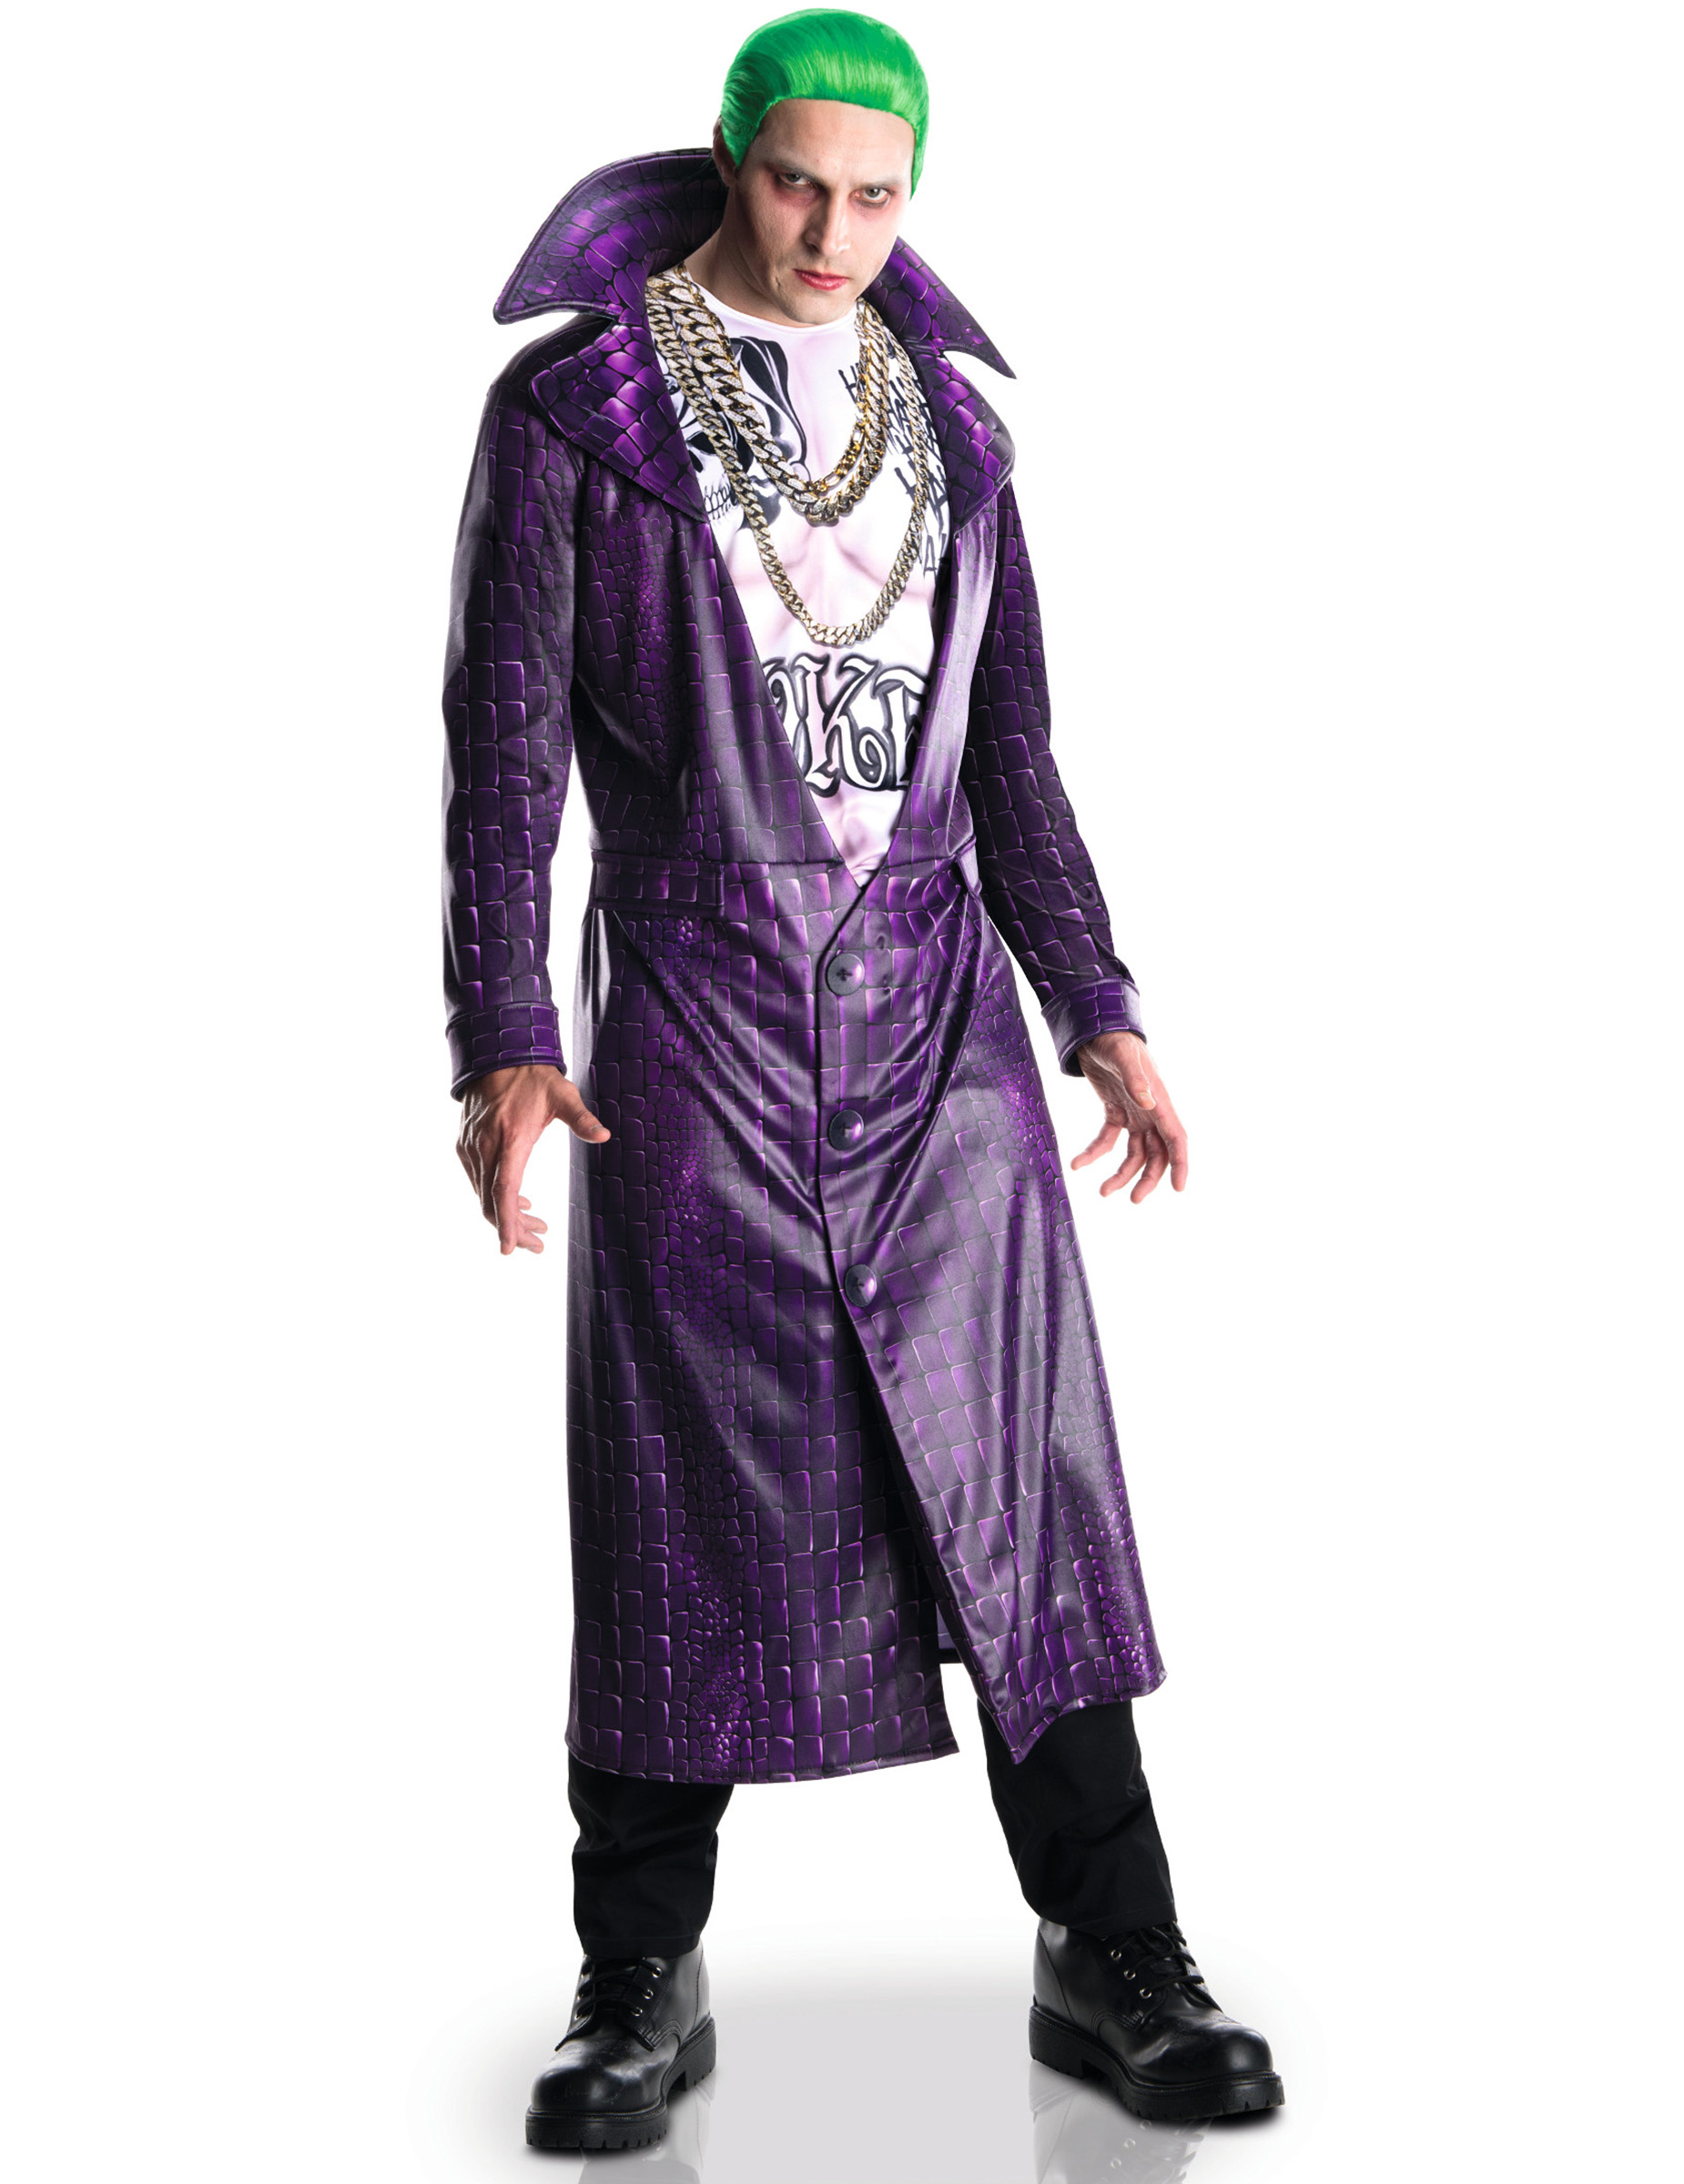 Disfraz de Joker adulto deluxe -Escuadrón Suicida™: Disfraces ...